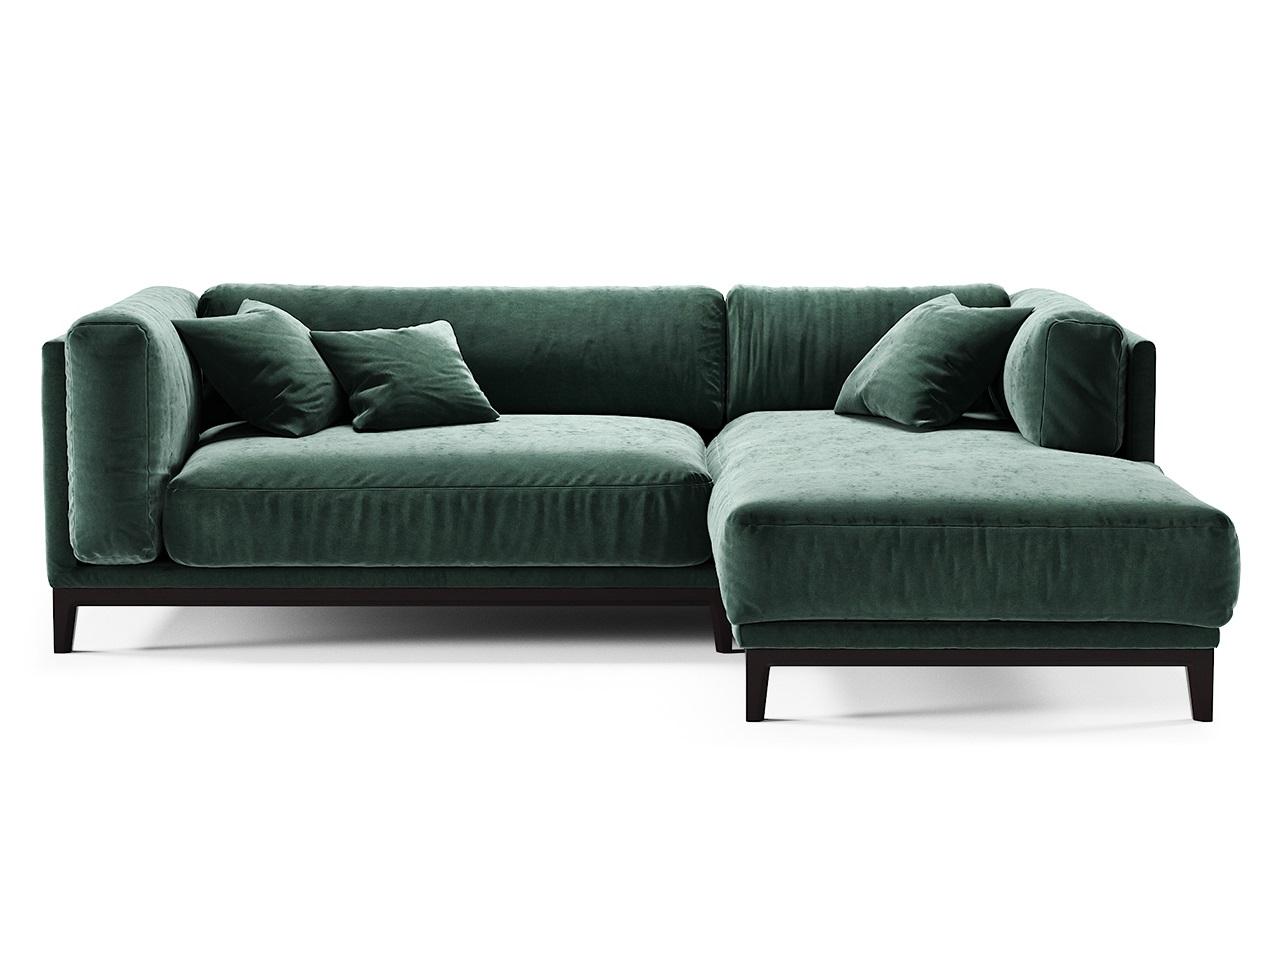 The idea диван case зеленый 81073/4